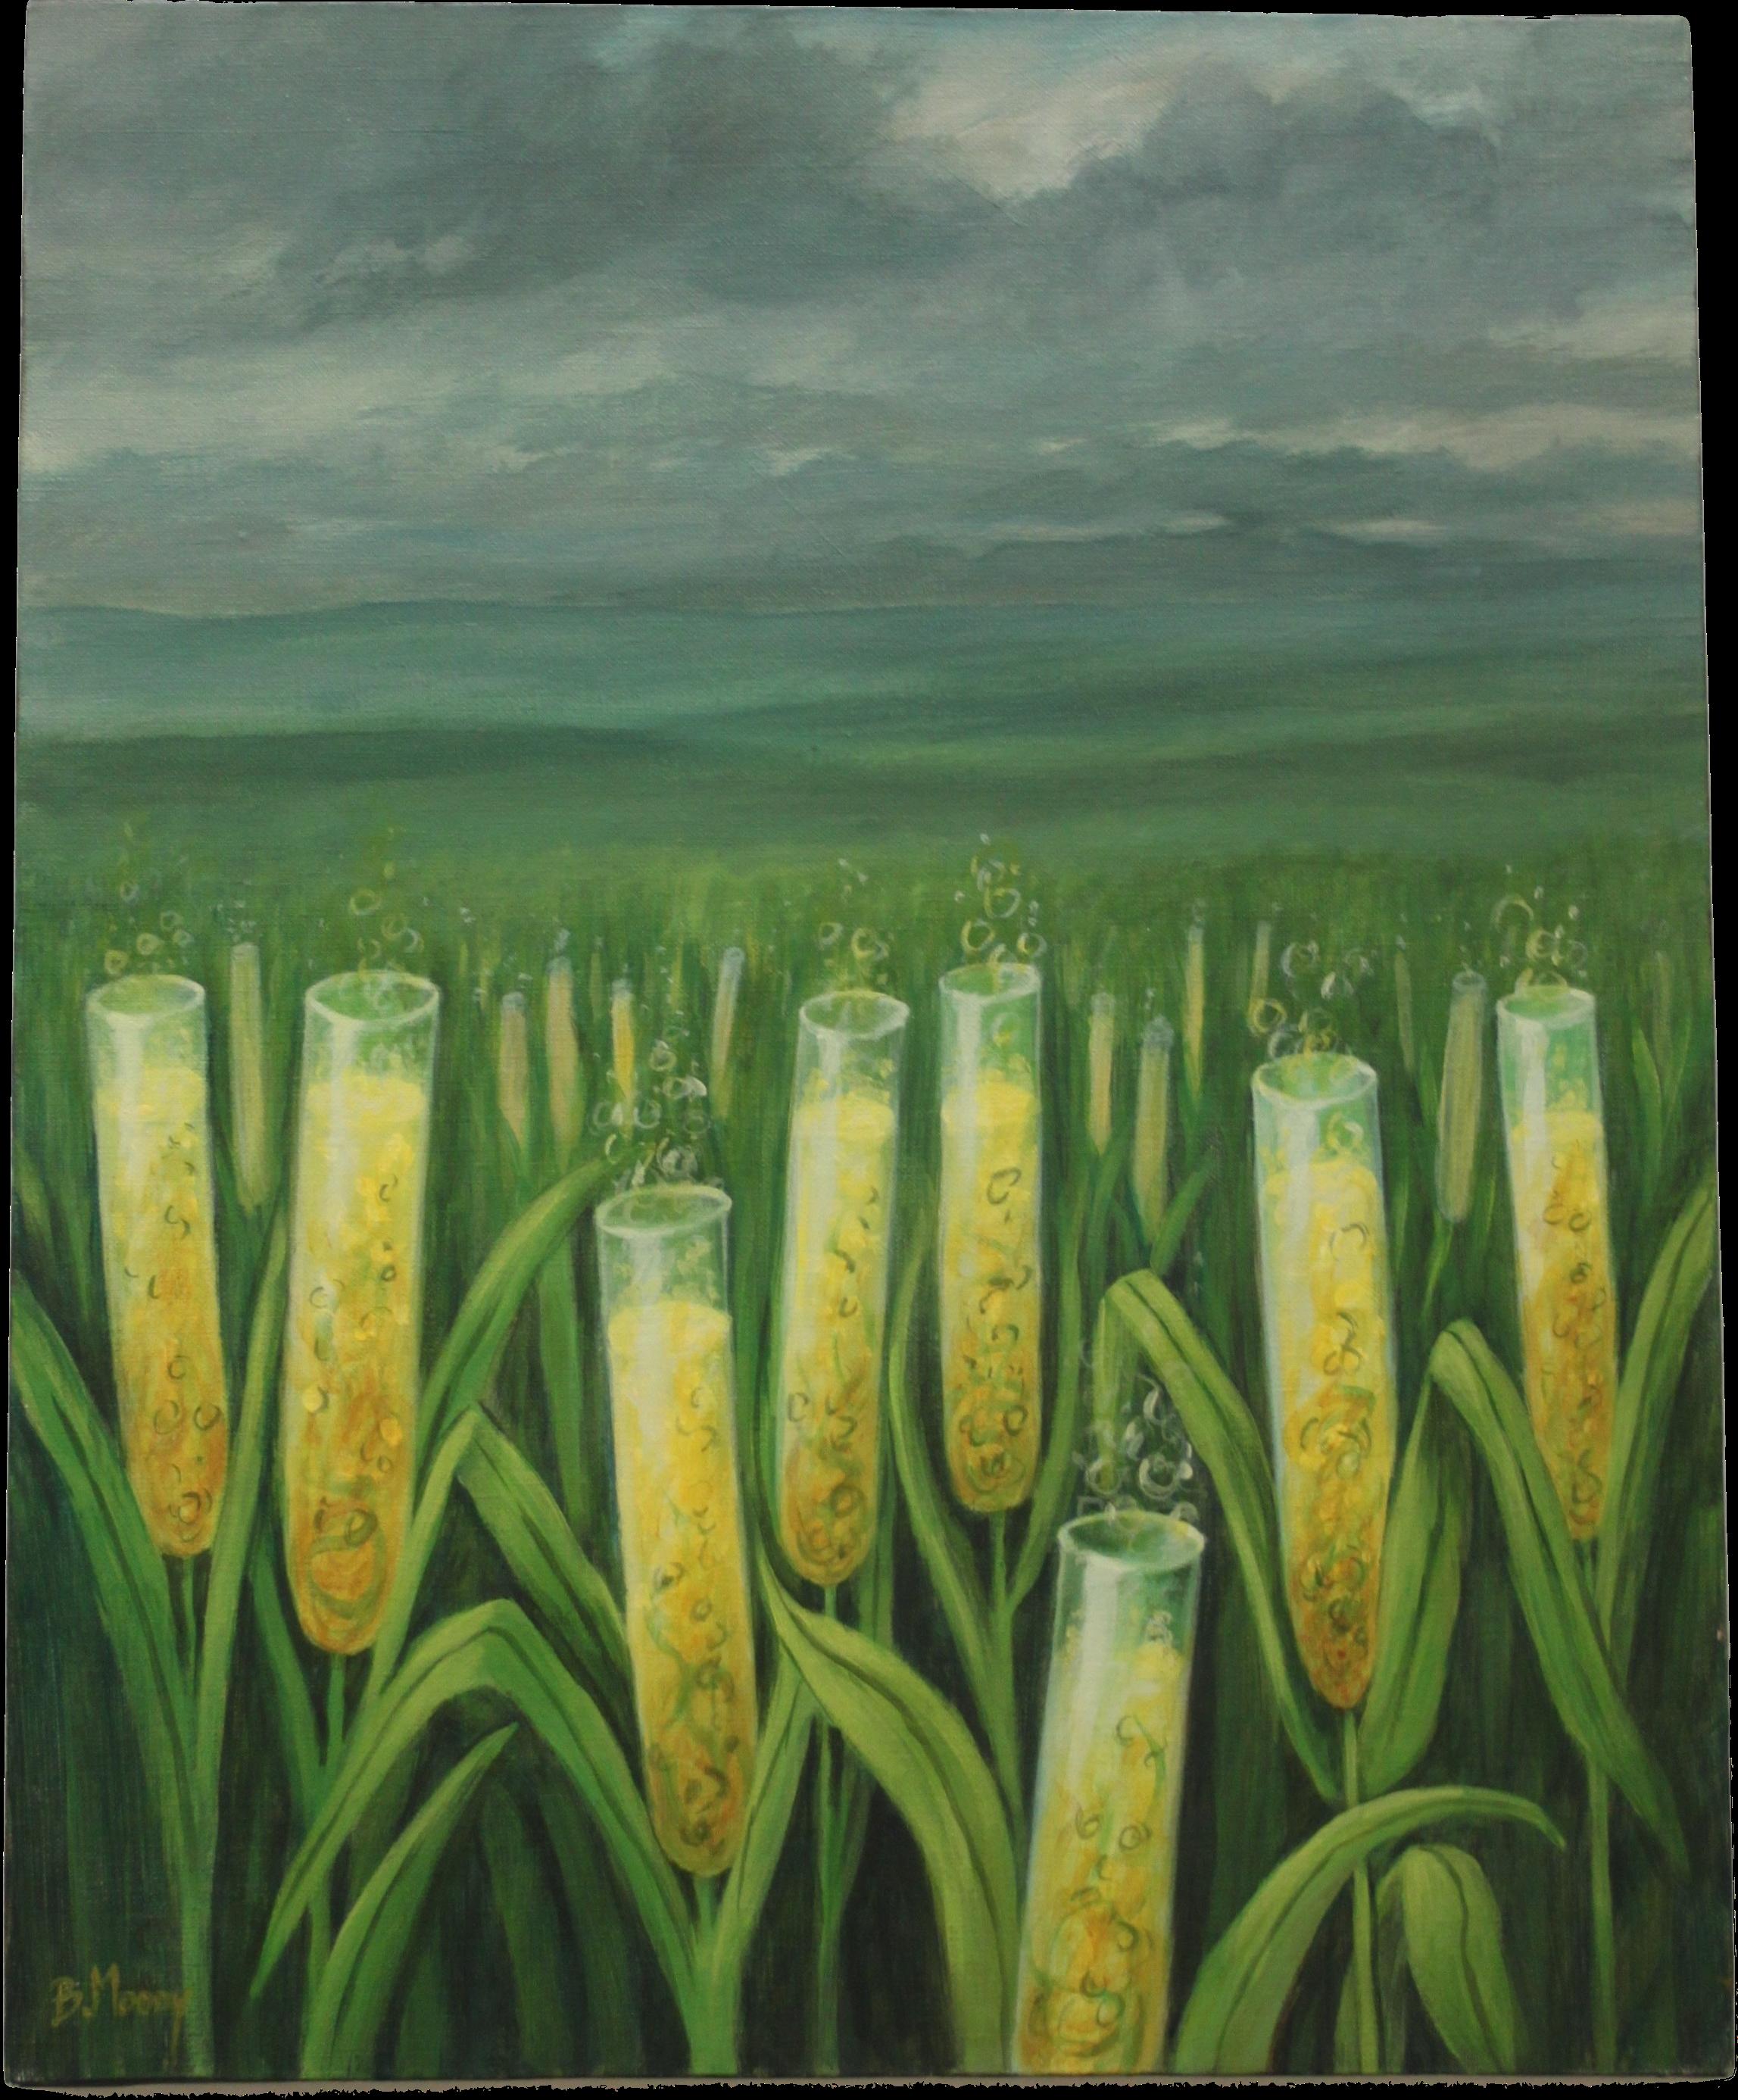 Een beeld uit Sow to Grow in Kunst : Magic Mais